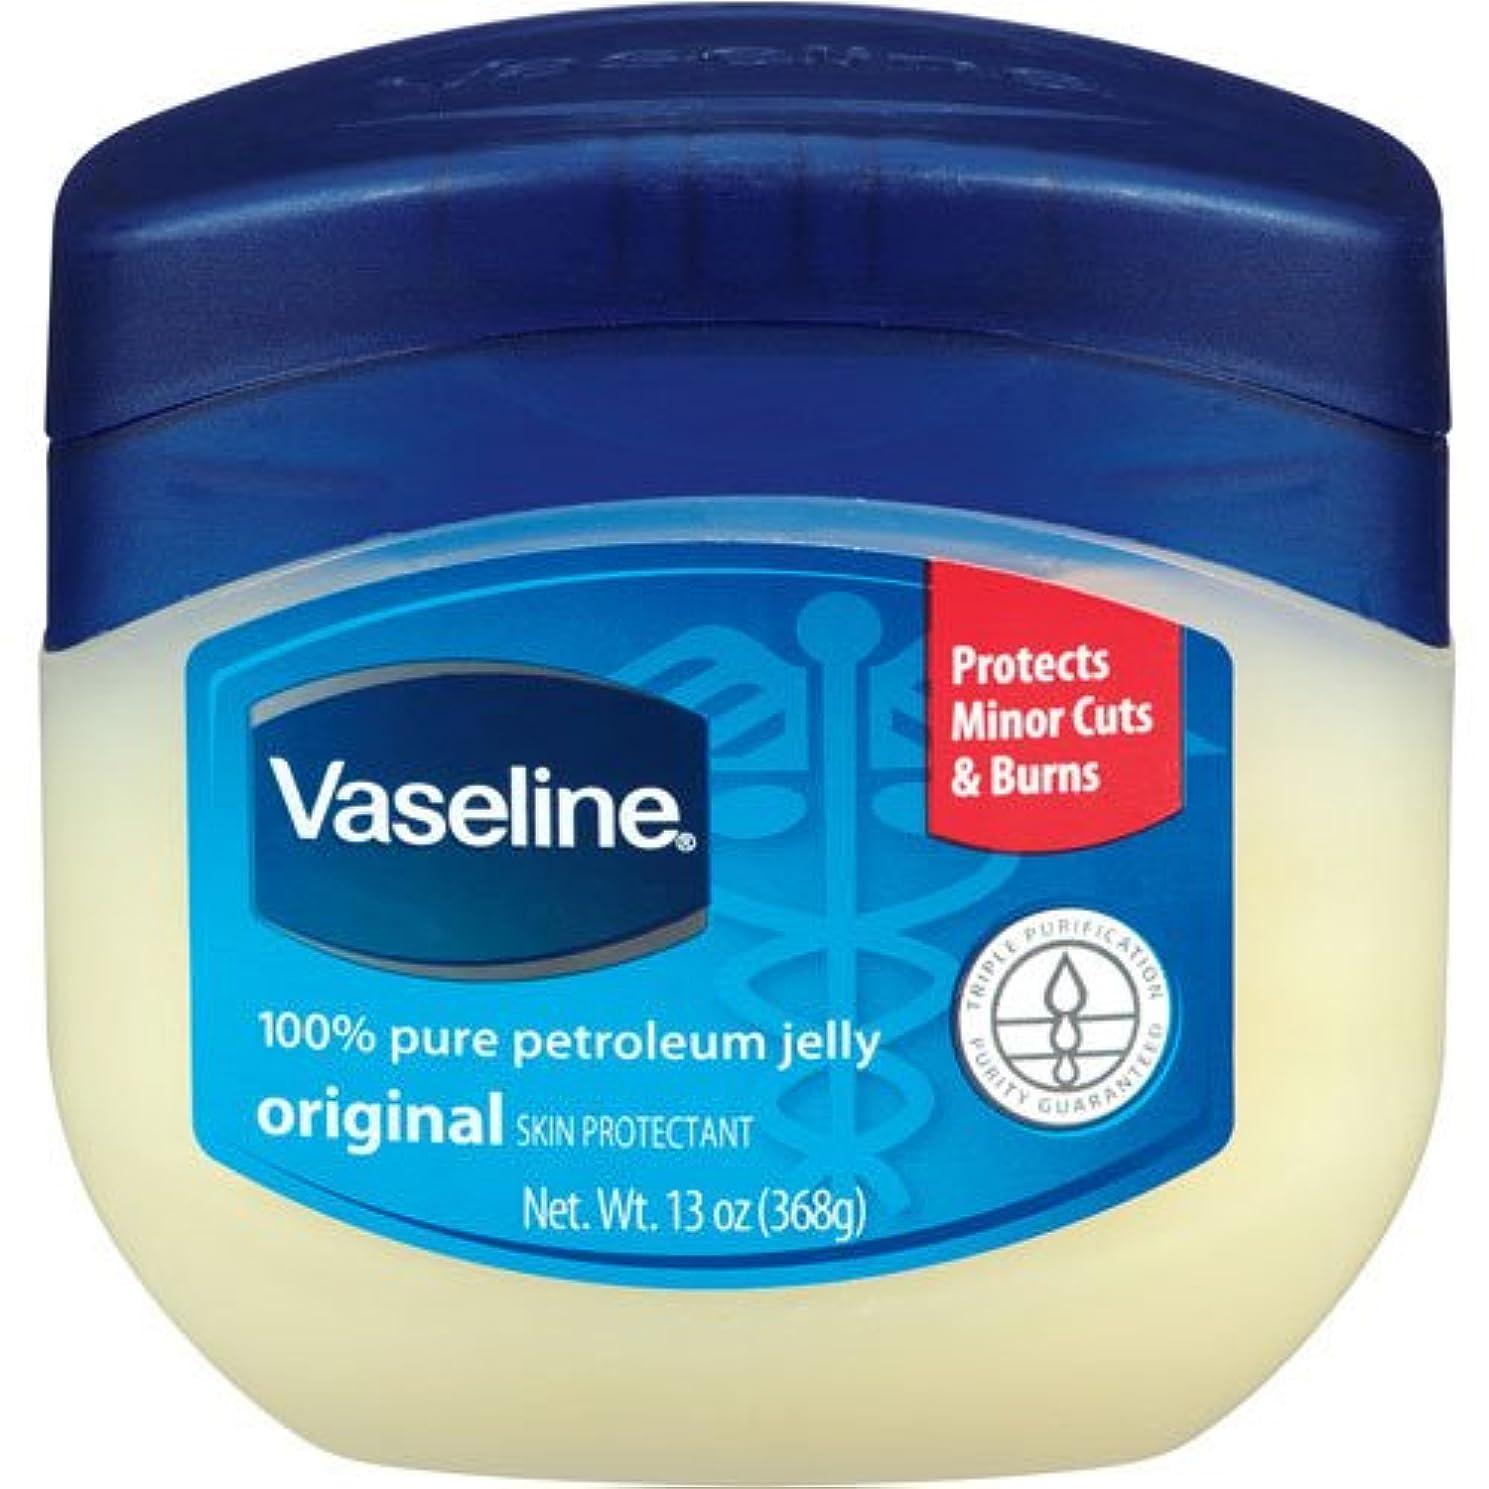 月シンポジウムシェルターヴァセリン [Vaseline]ペトロリュームジェリージャータイプ[保湿クリーム]368g[並行輸入品]